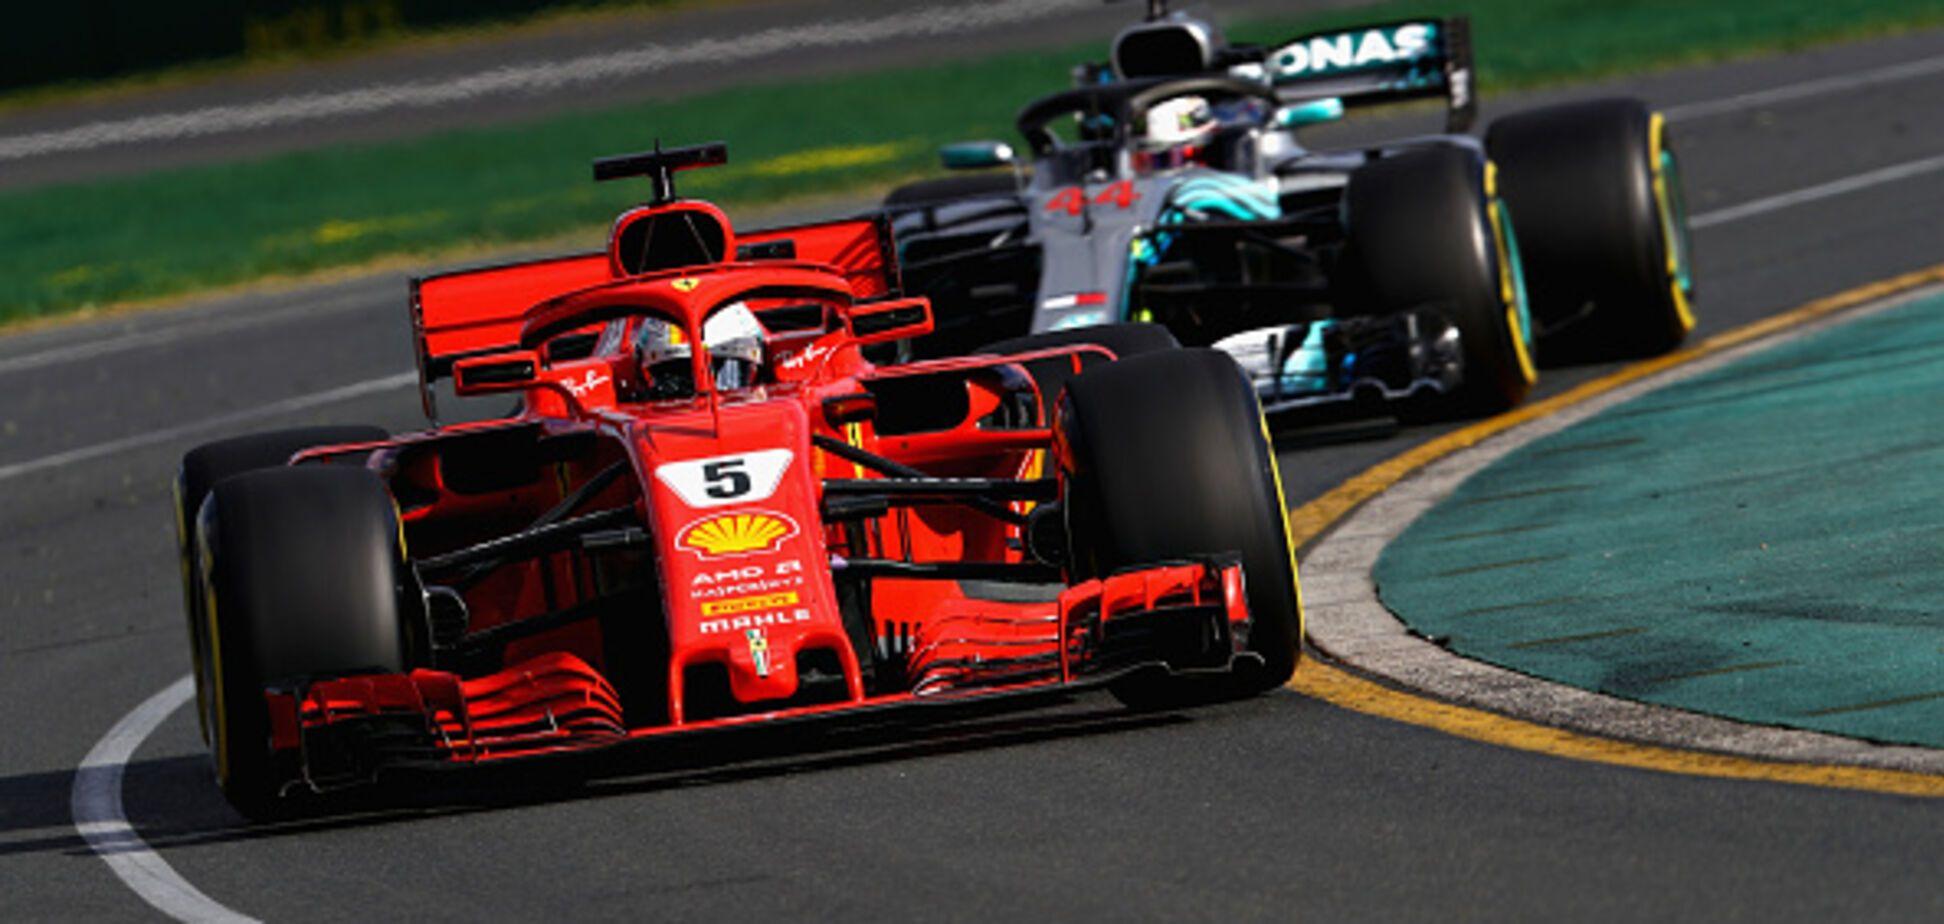 Формула-1: неймовірний збіг обставин принiс перемогу Ferrari на Гран-прі Австралії